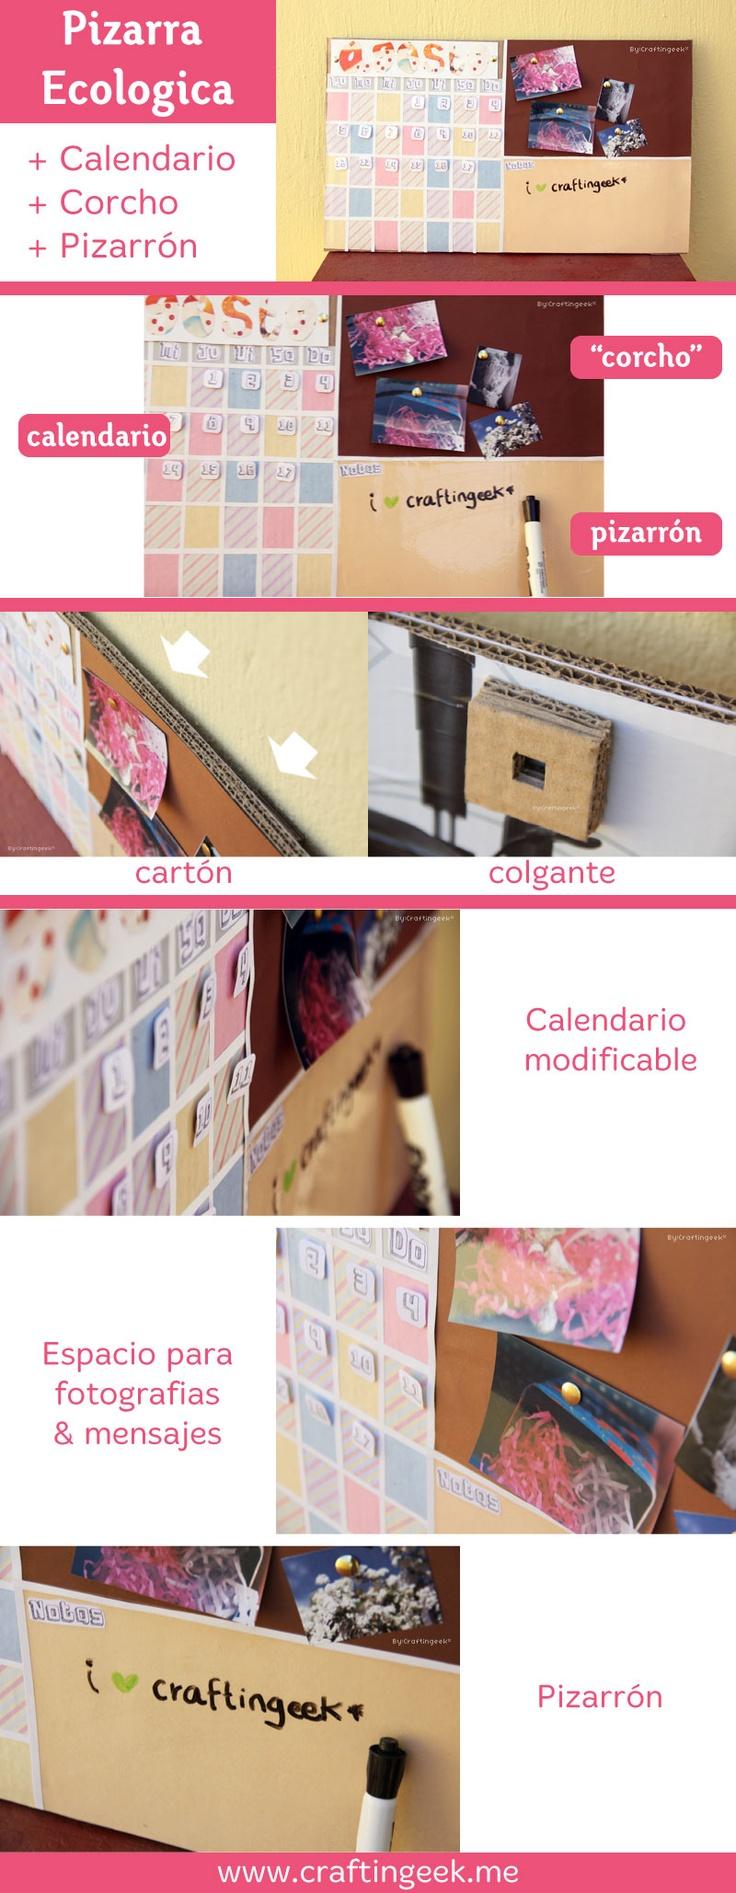 Haz una pizarra ecologica con un rea para calendario corcho y pizarr n tutorial gratis http - Pizarra calendario ...